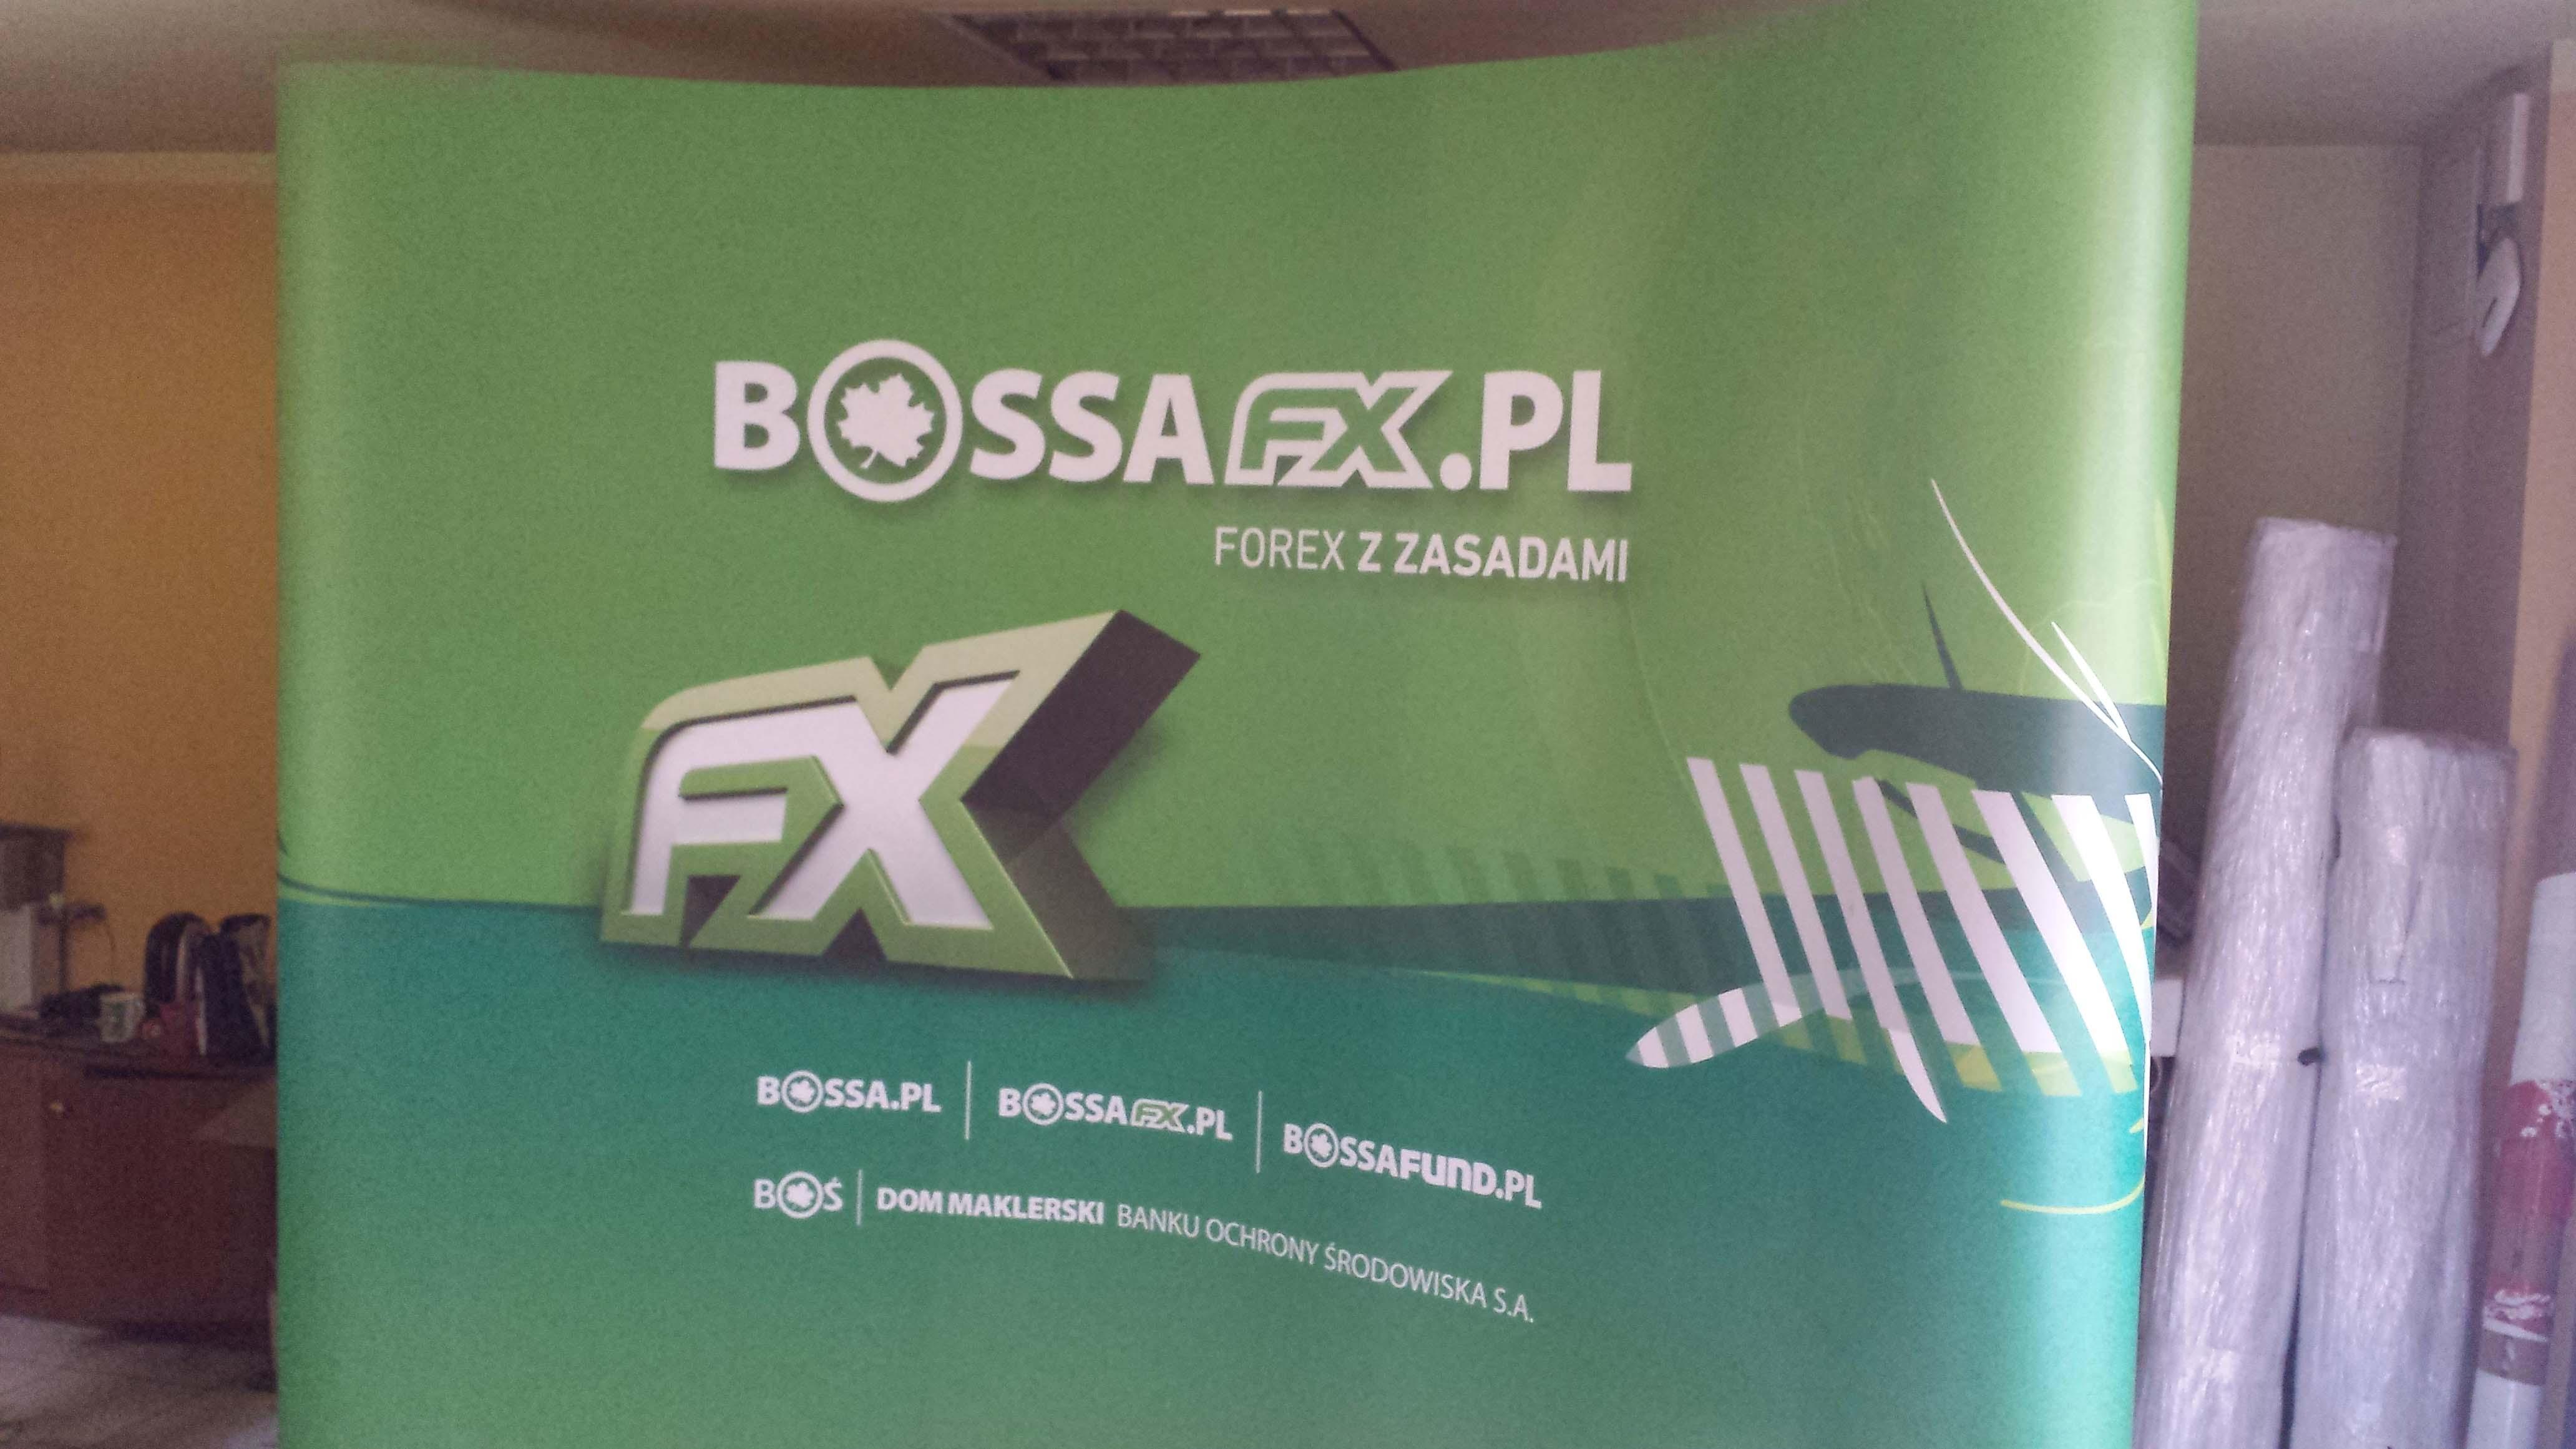 ścianka reklamowa w 2xl.com.pl